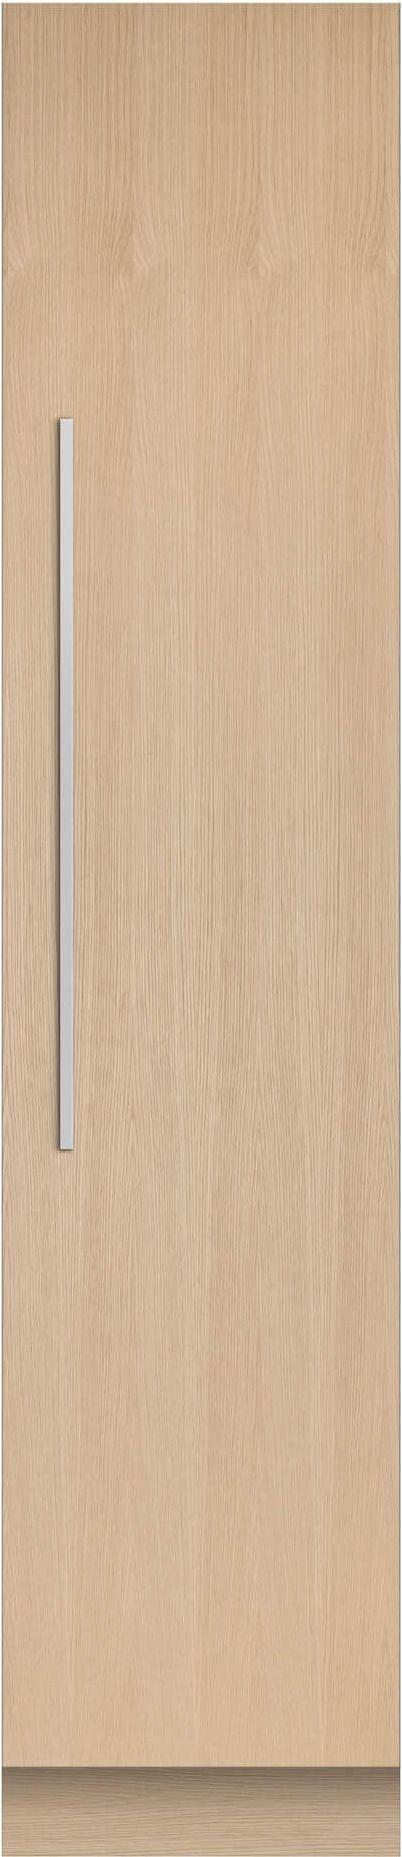 Congélateur vertical Fisher Paykel® de 7,8 pi³ - Prêt pour le panneau-RS1884FRJ1